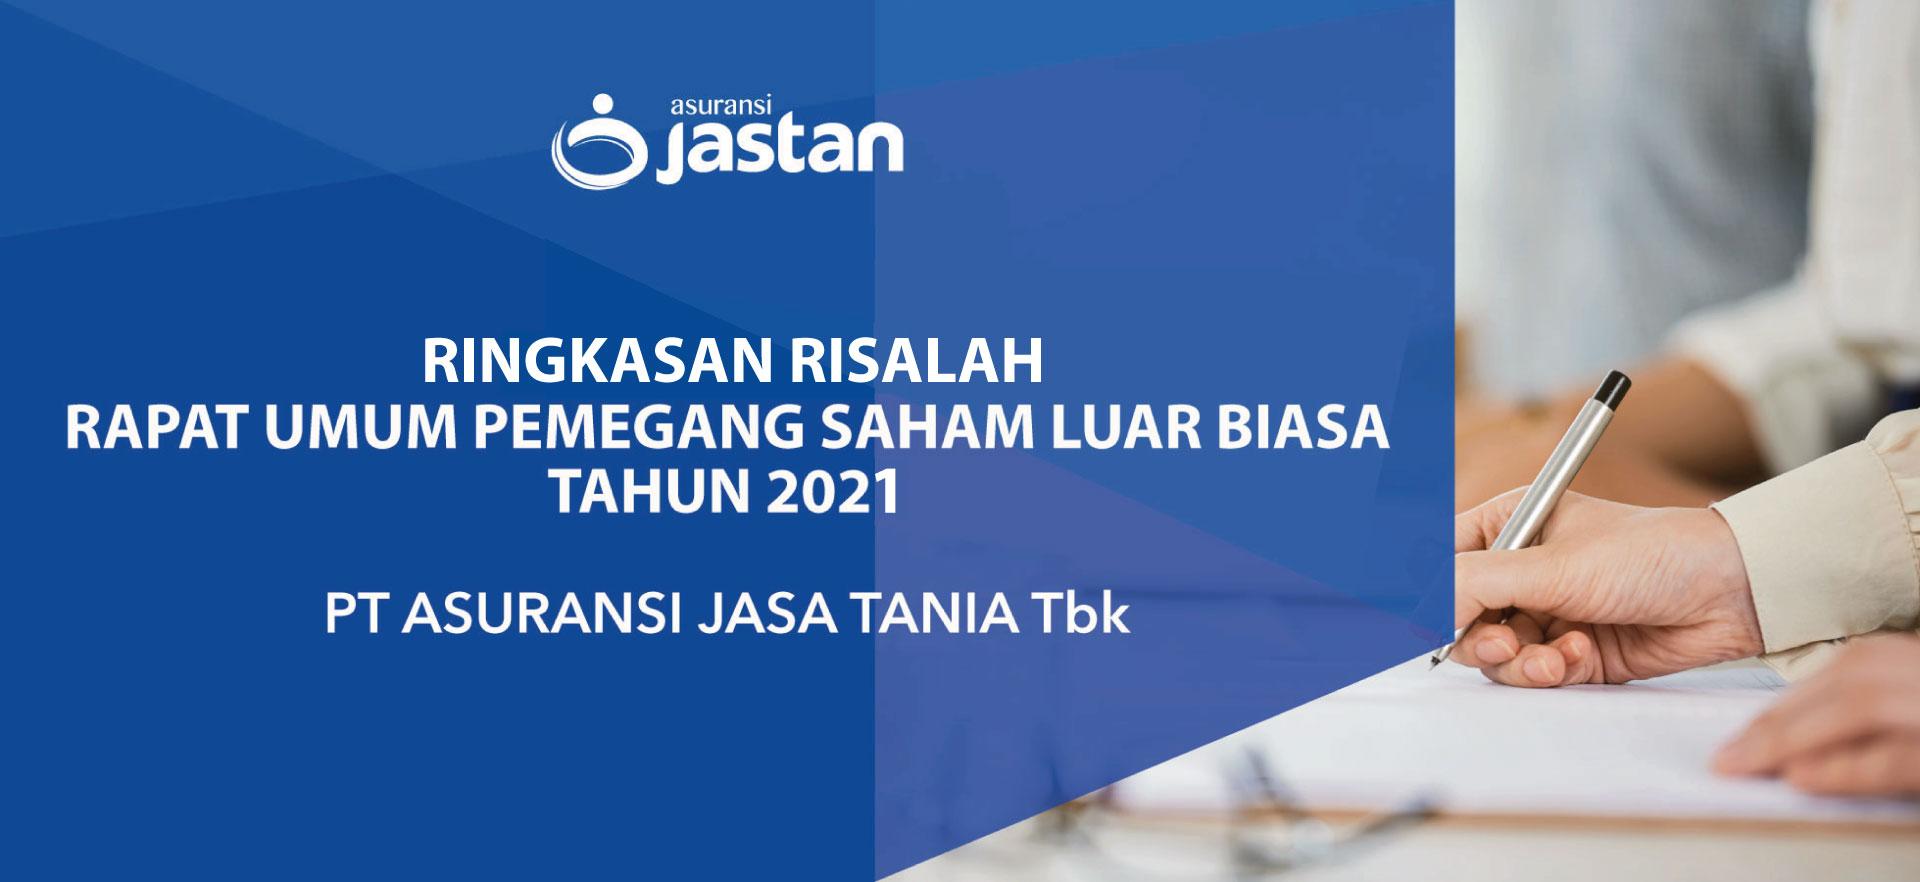 1614681896RINGKASAN-RISALAH-RUPSLB-2021.jpg